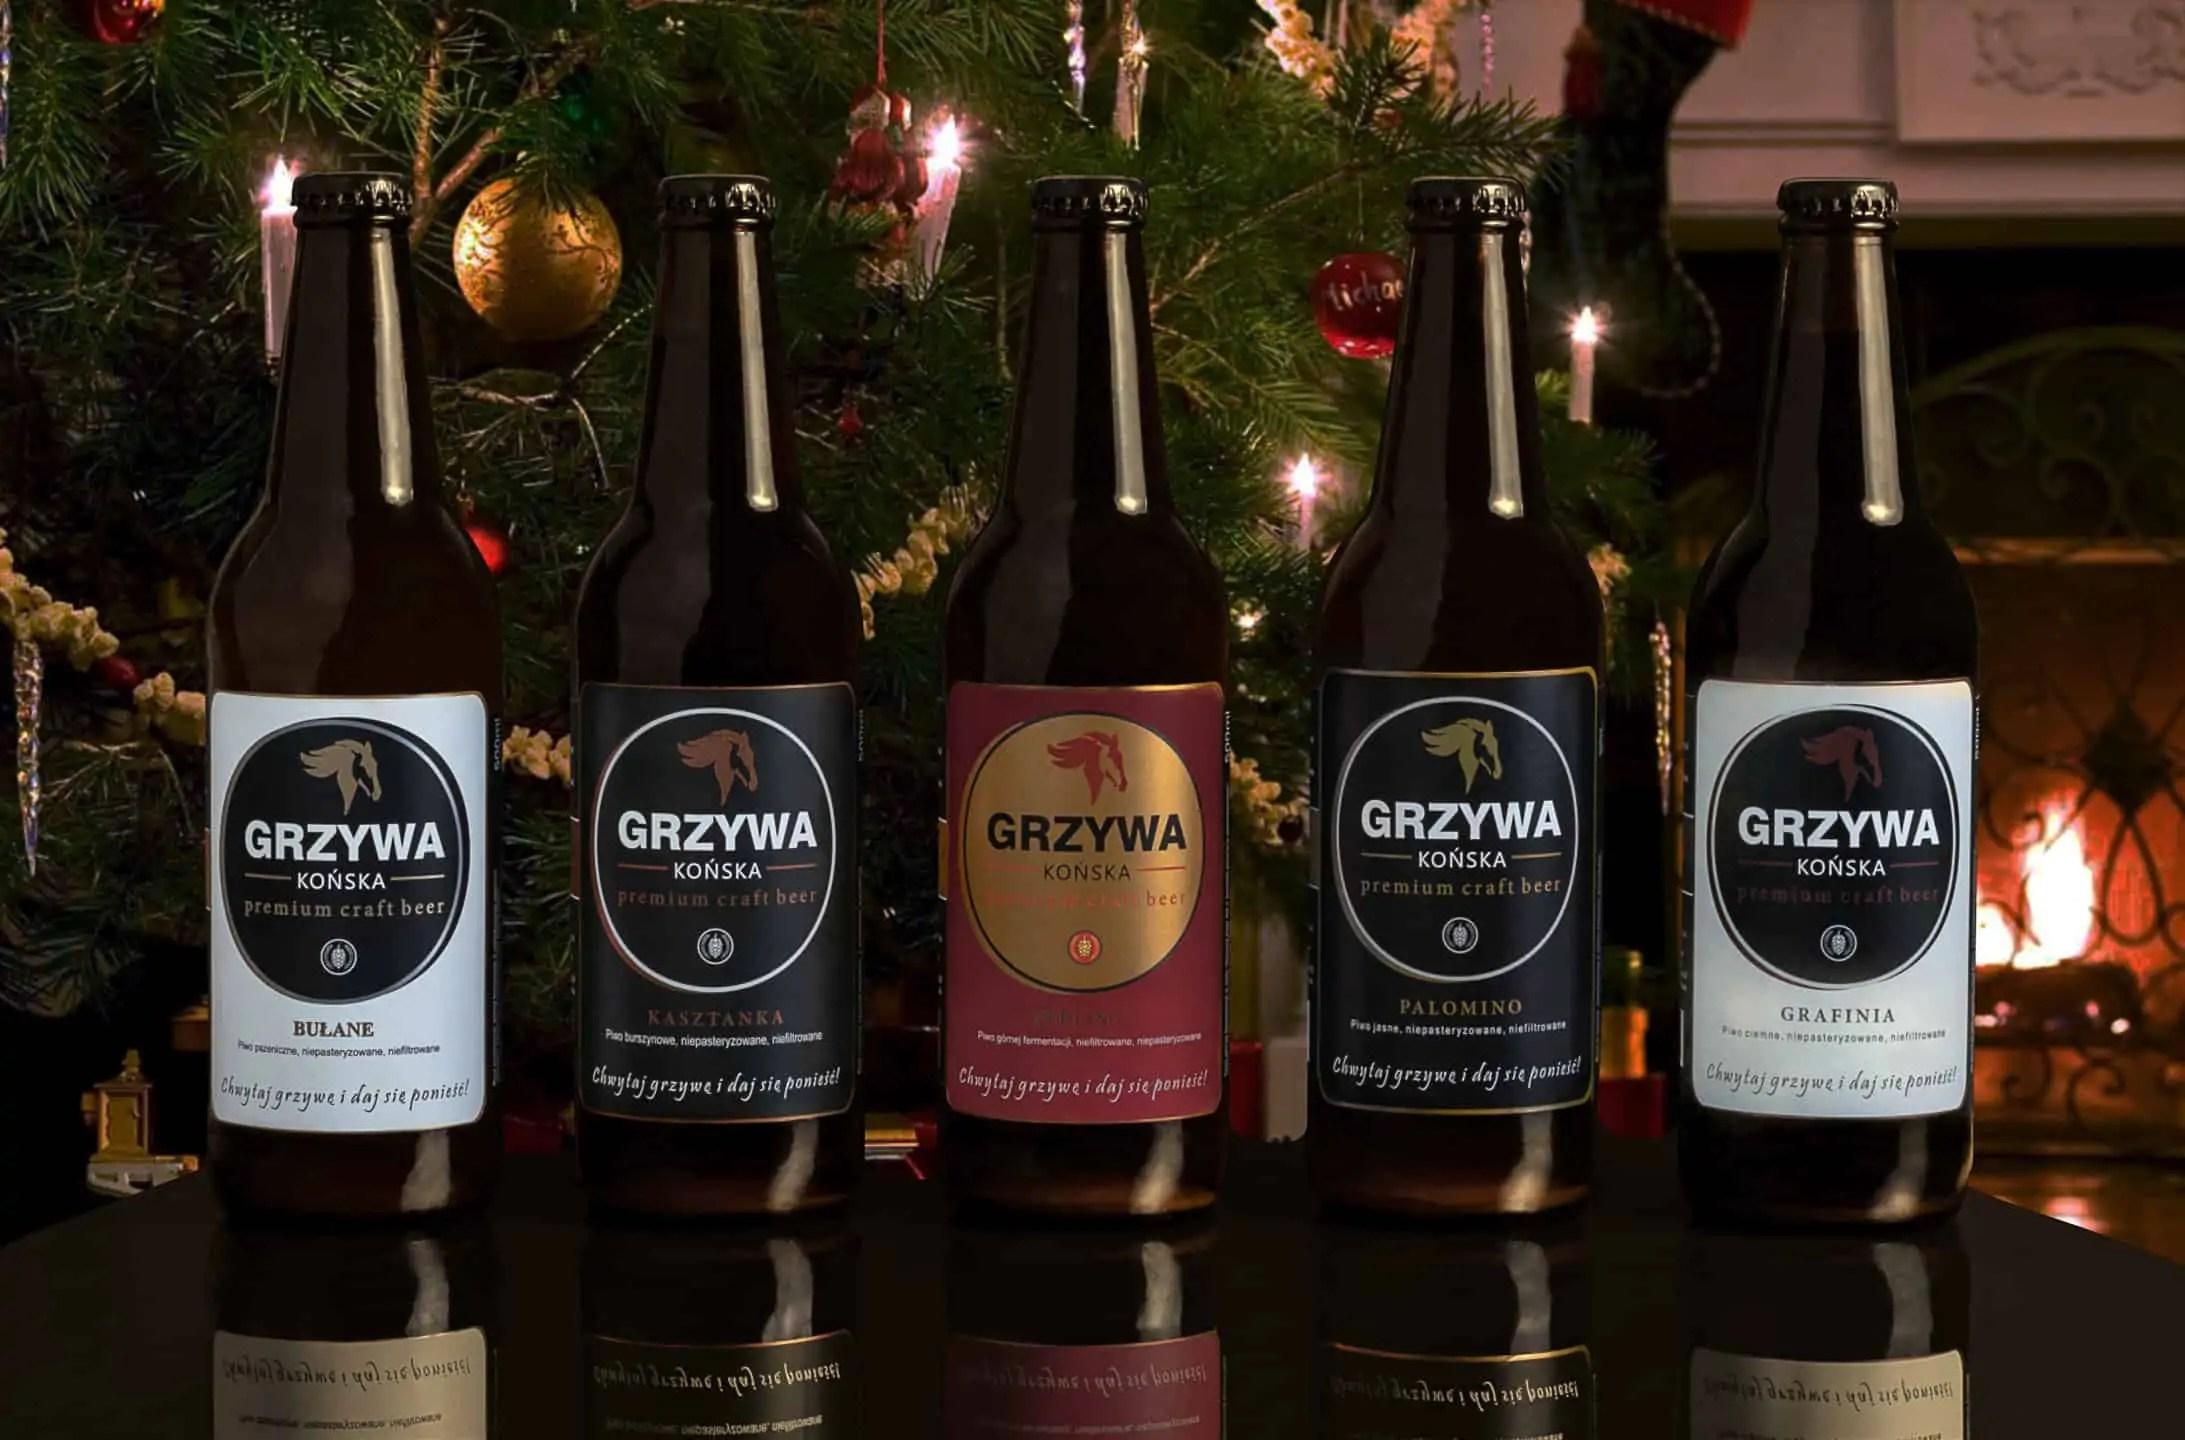 Browar Konska Grzywa wszystkie piwa - Najlepszy prezent dla fotografa jest darmowy. Resztę kupisz do 100 pln